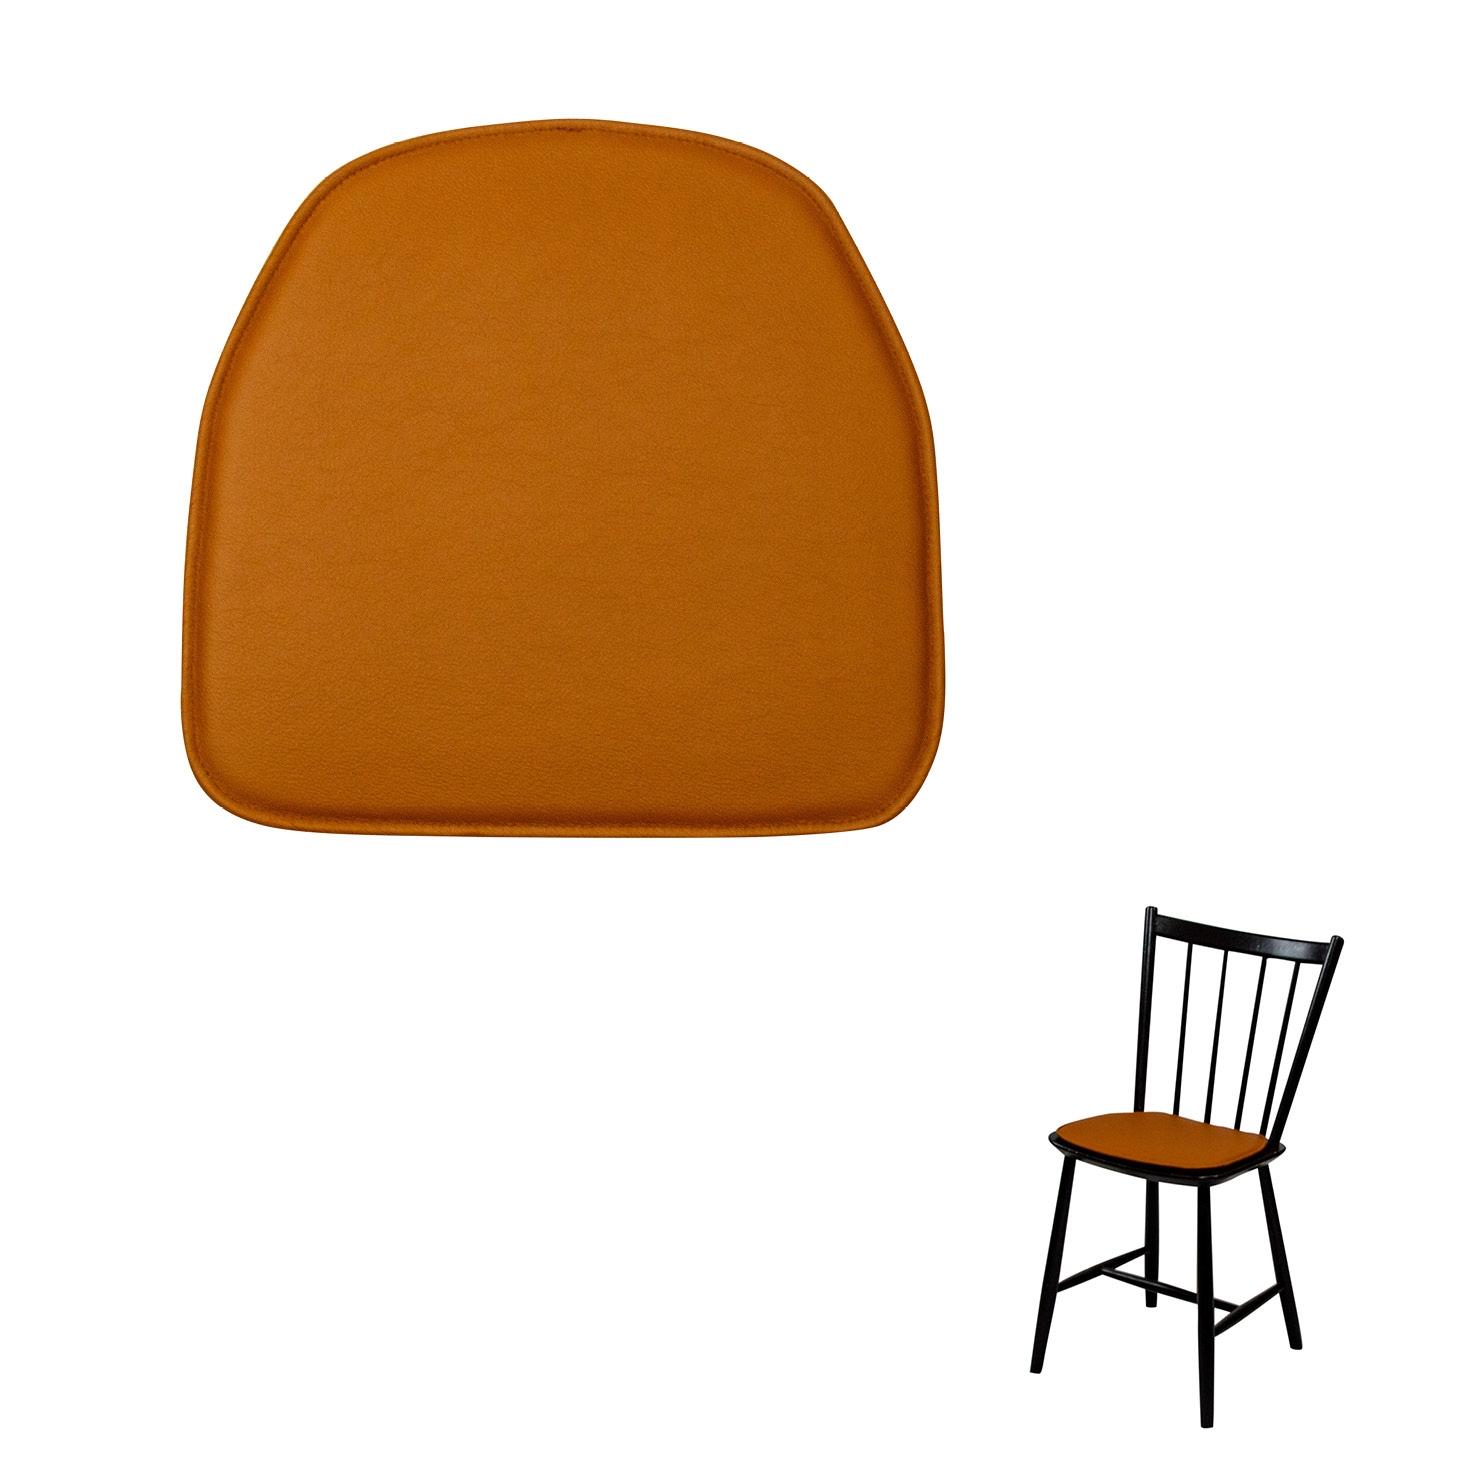 Nicht Wendbar Luxus Sitzkissen Mit Hallingdal 65 Stoff Fur J 41 Hay Stuhl Von Borge Mogensen